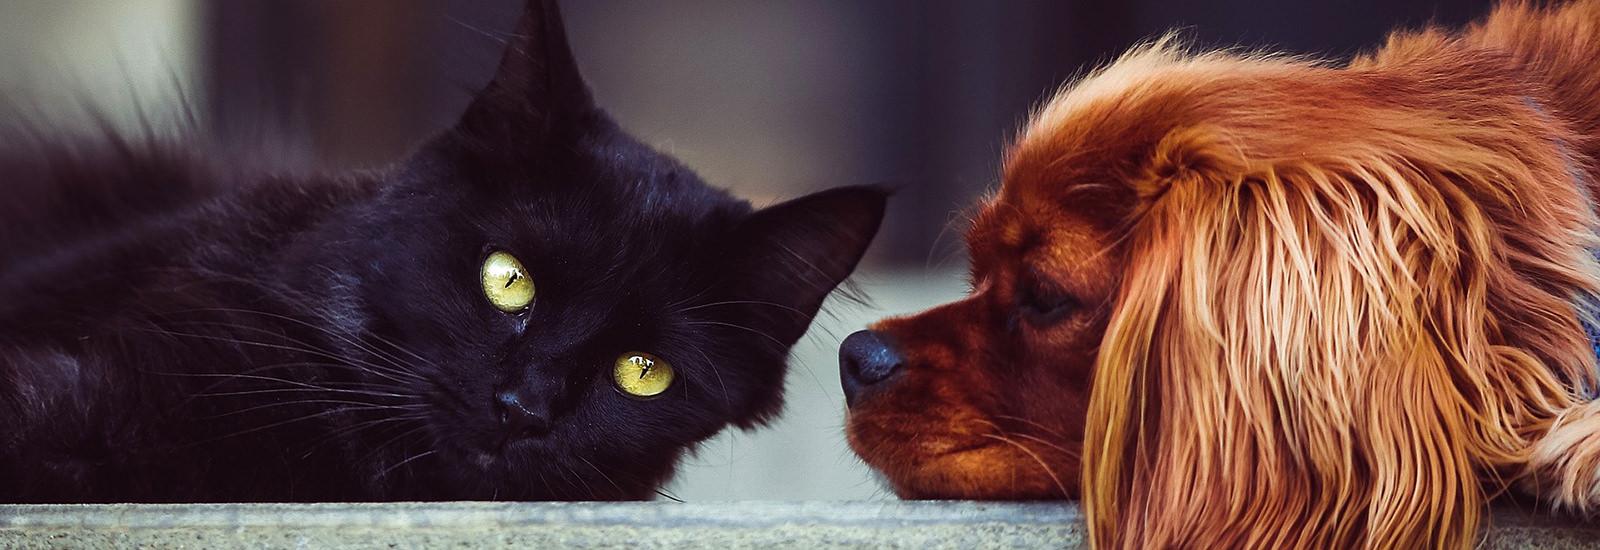 Tierschutz für Hunde und Katzen